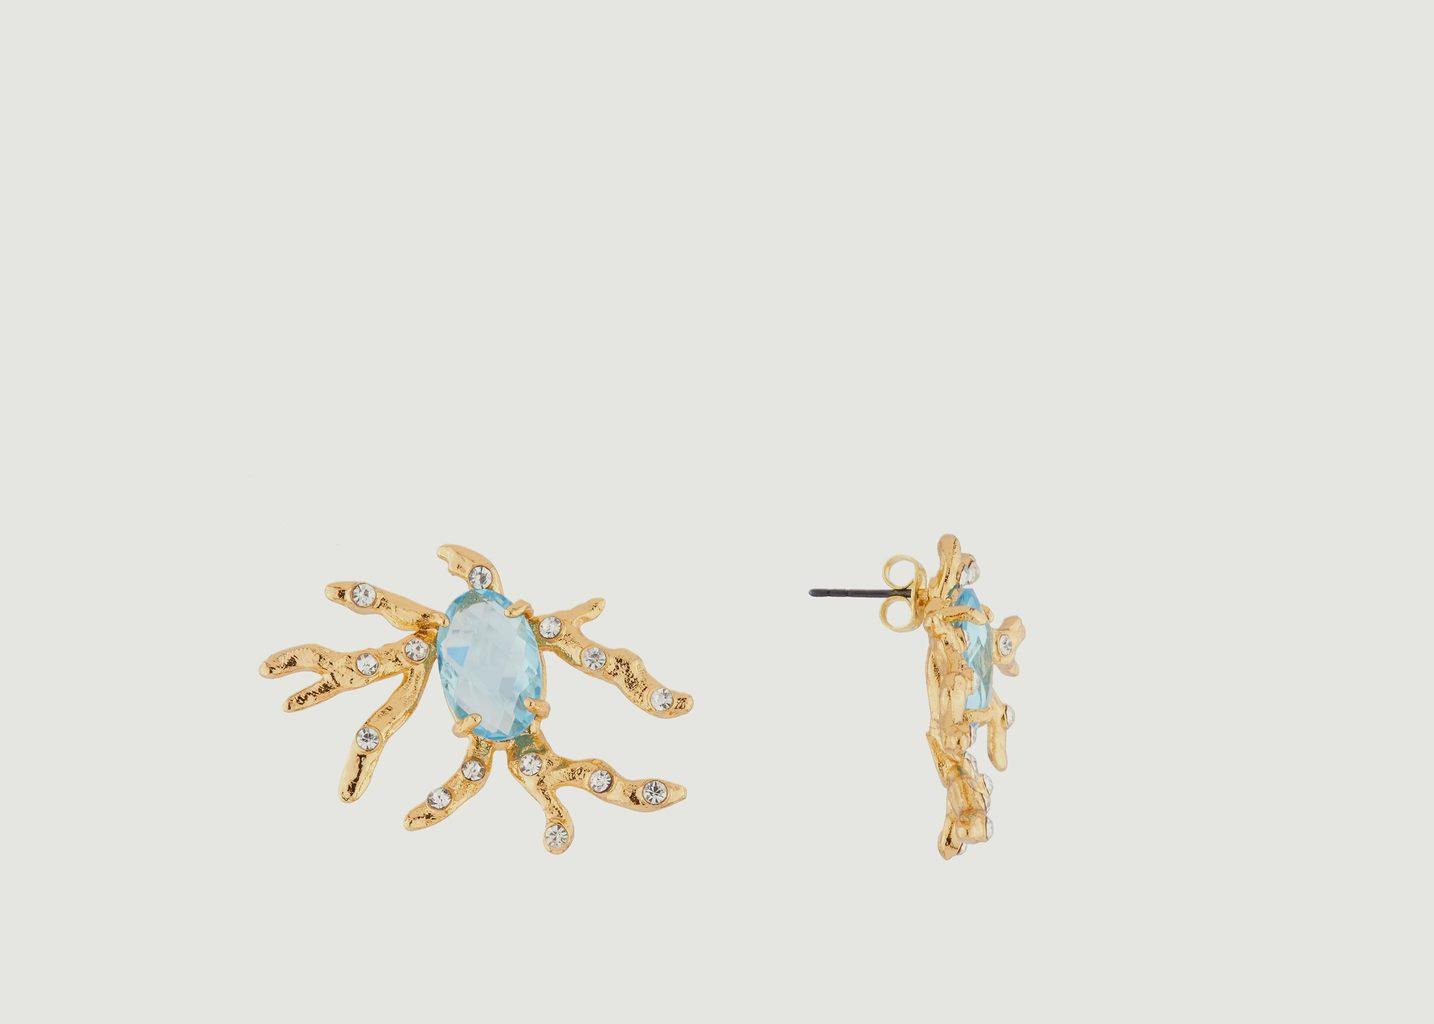 Boucles D'Oreilles Trésor Pierre De Verre Et Cristaux - Les Néréides